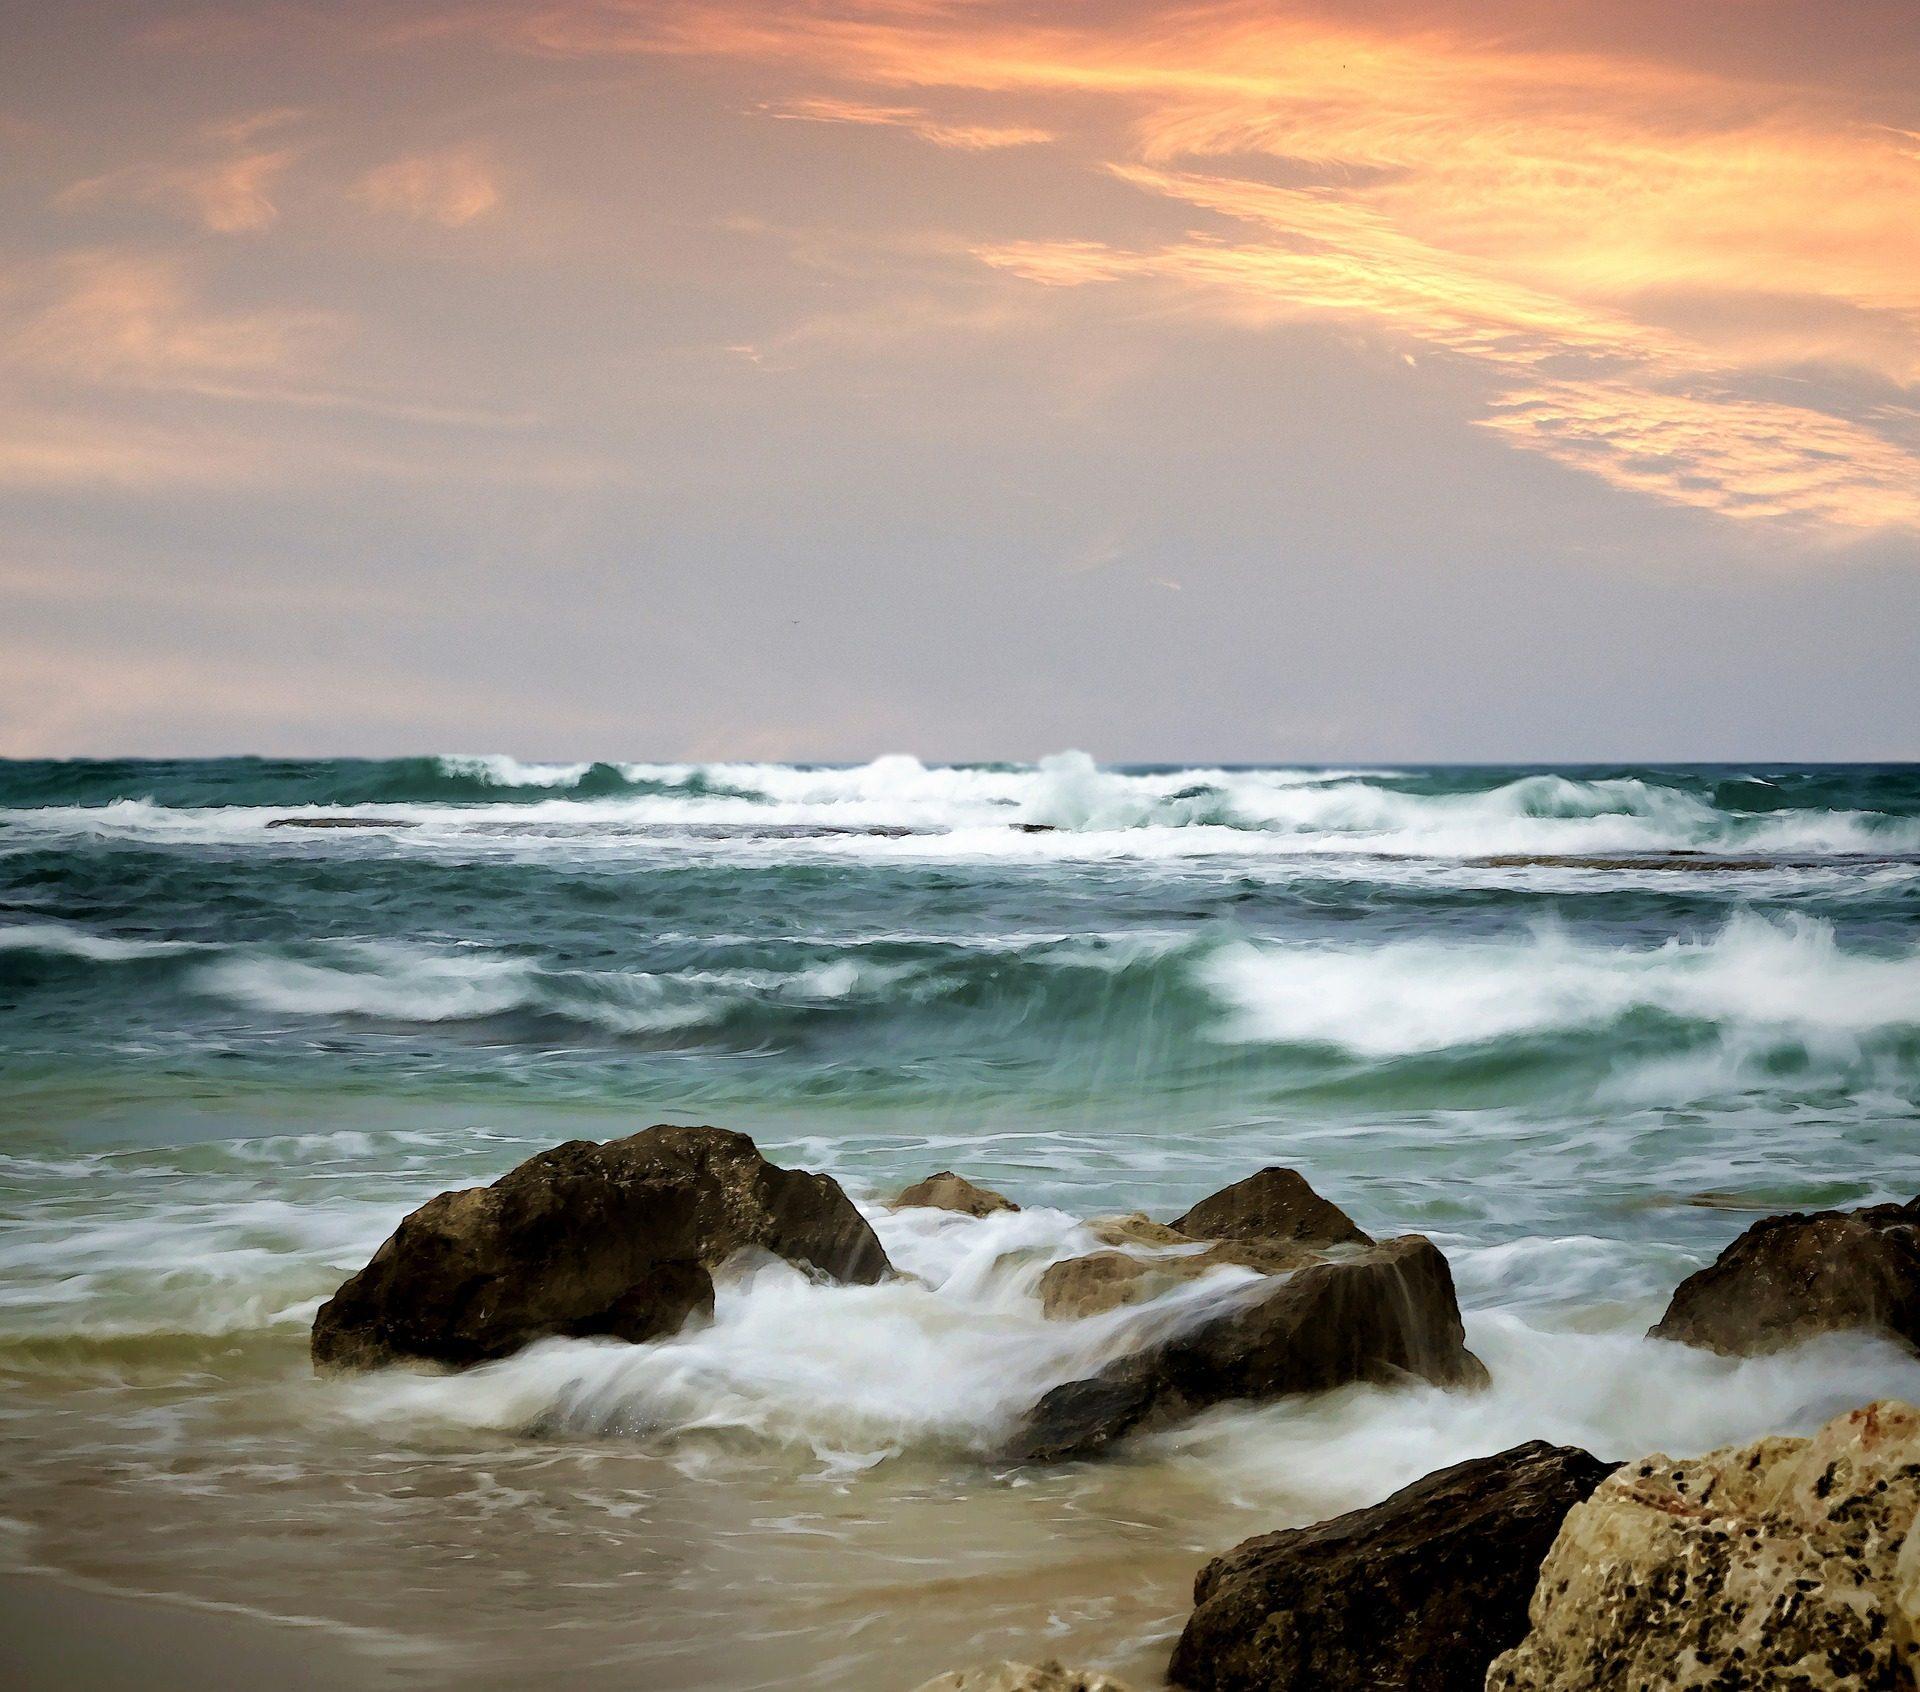 सागर, समुद्र तट, Rocas, लहरें, पत्थर, महासागर, पानी, आकाश - HD वॉलपेपर - प्रोफेसर-falken.com